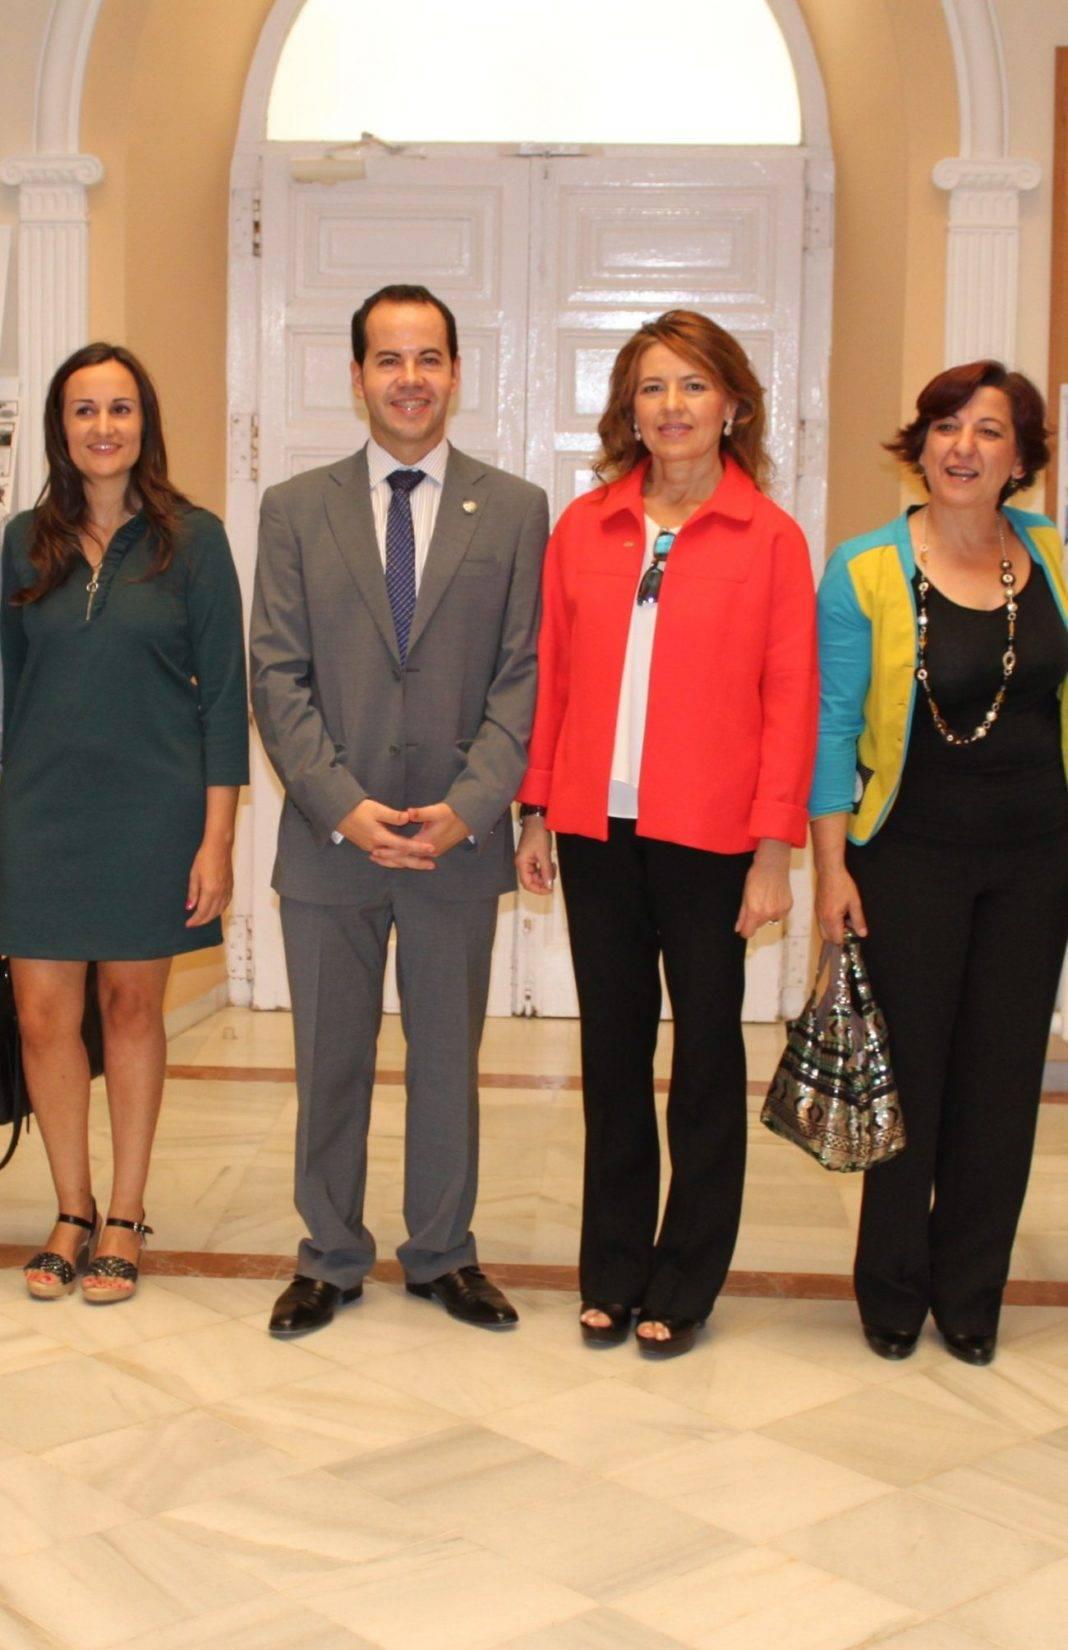 el alcalde con la consejera de servicios sociales 1068x1650 - Ratificado el convenio del Plan Concertado de Servicios Sociales de Herencia